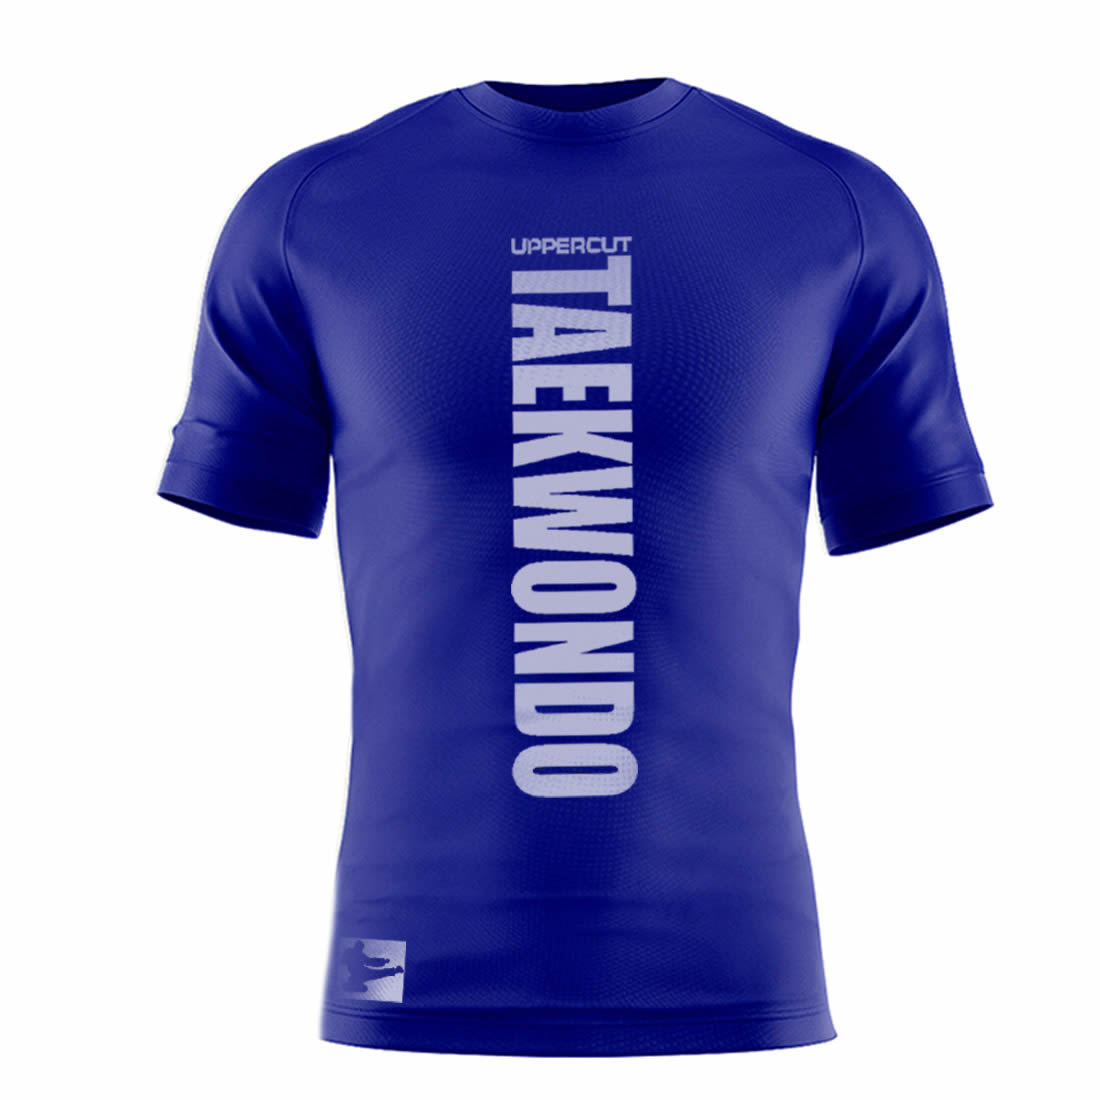 Camiseta Taekwondo Dry Fit UV50+ Azul - Uppercut